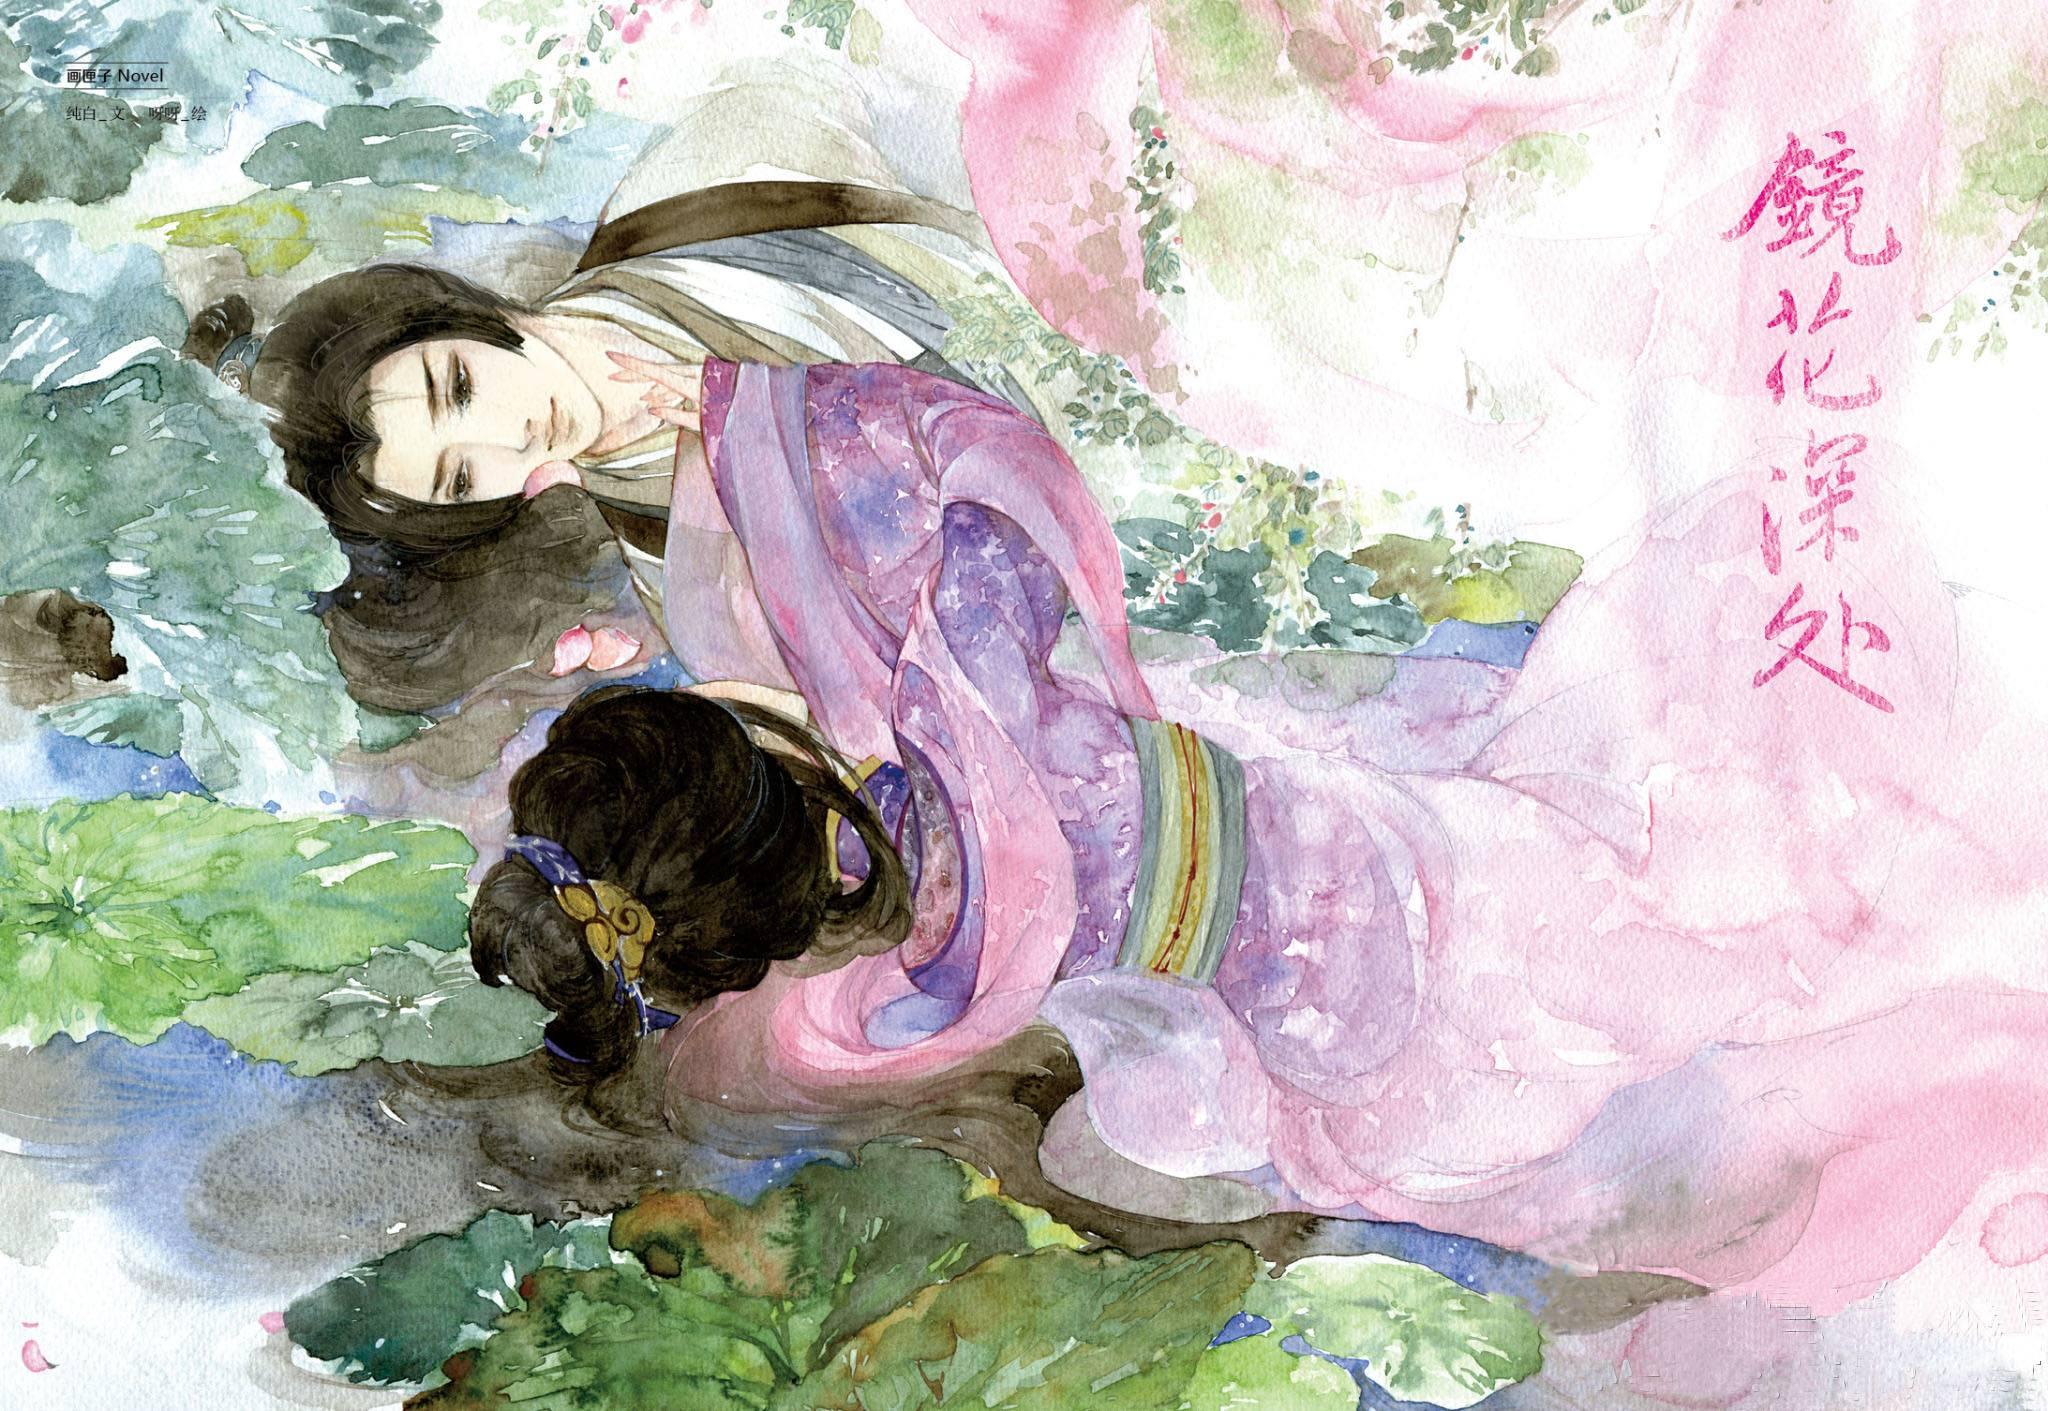 3本唯墨 青瓷 花女词画集水墨水彩手绘本天闻角川画册美术书绘画教程